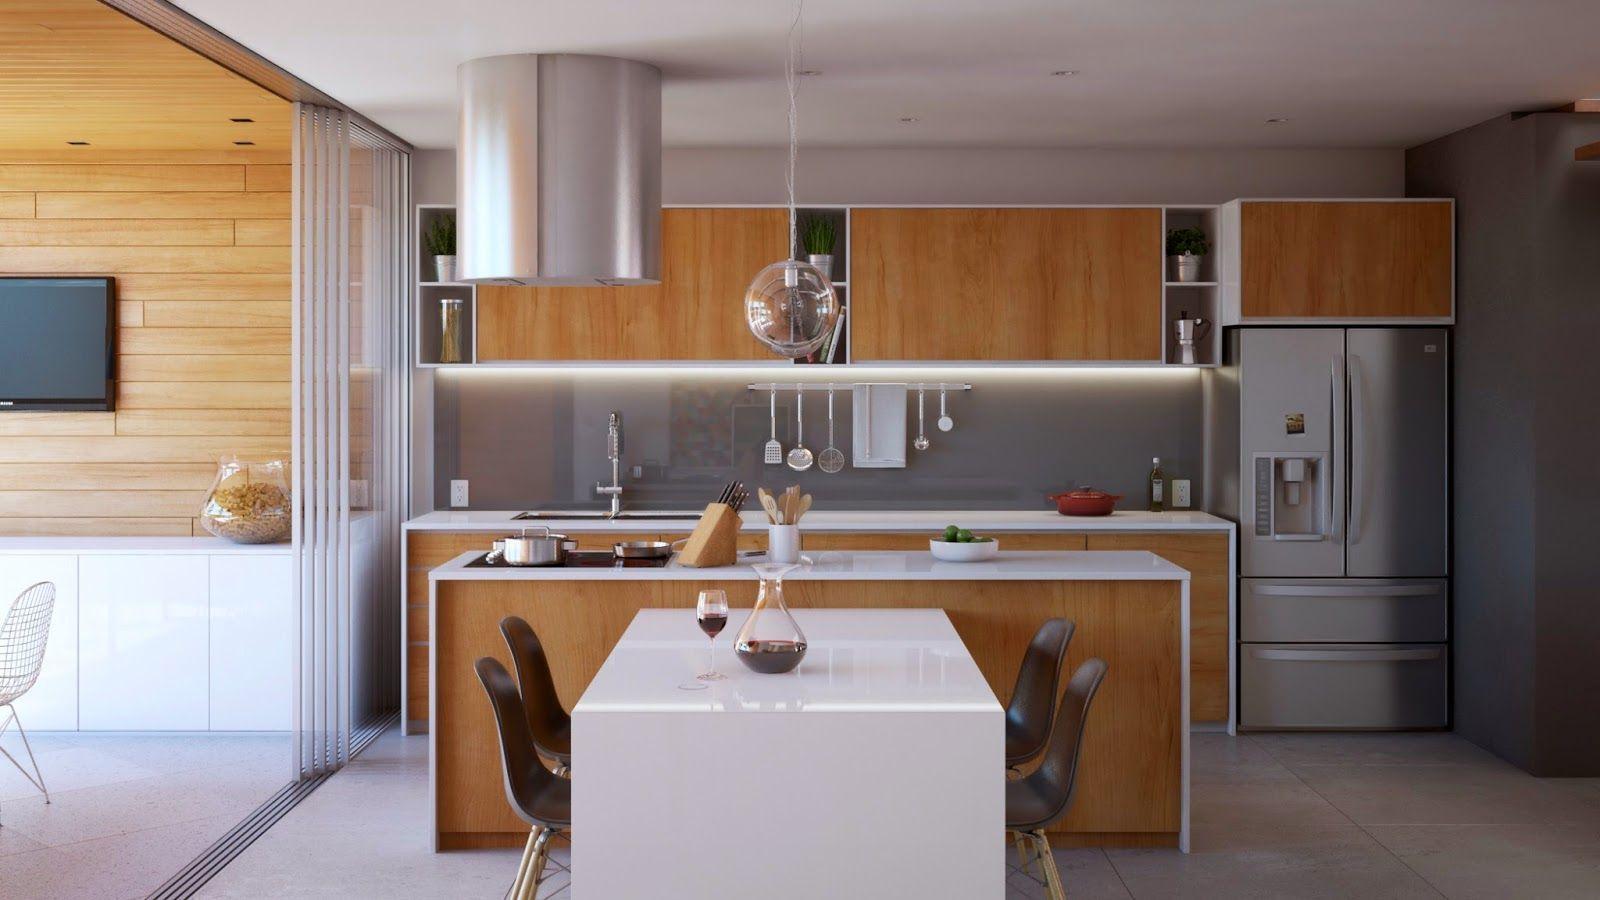 Cozinha gourmet com branco e madeira